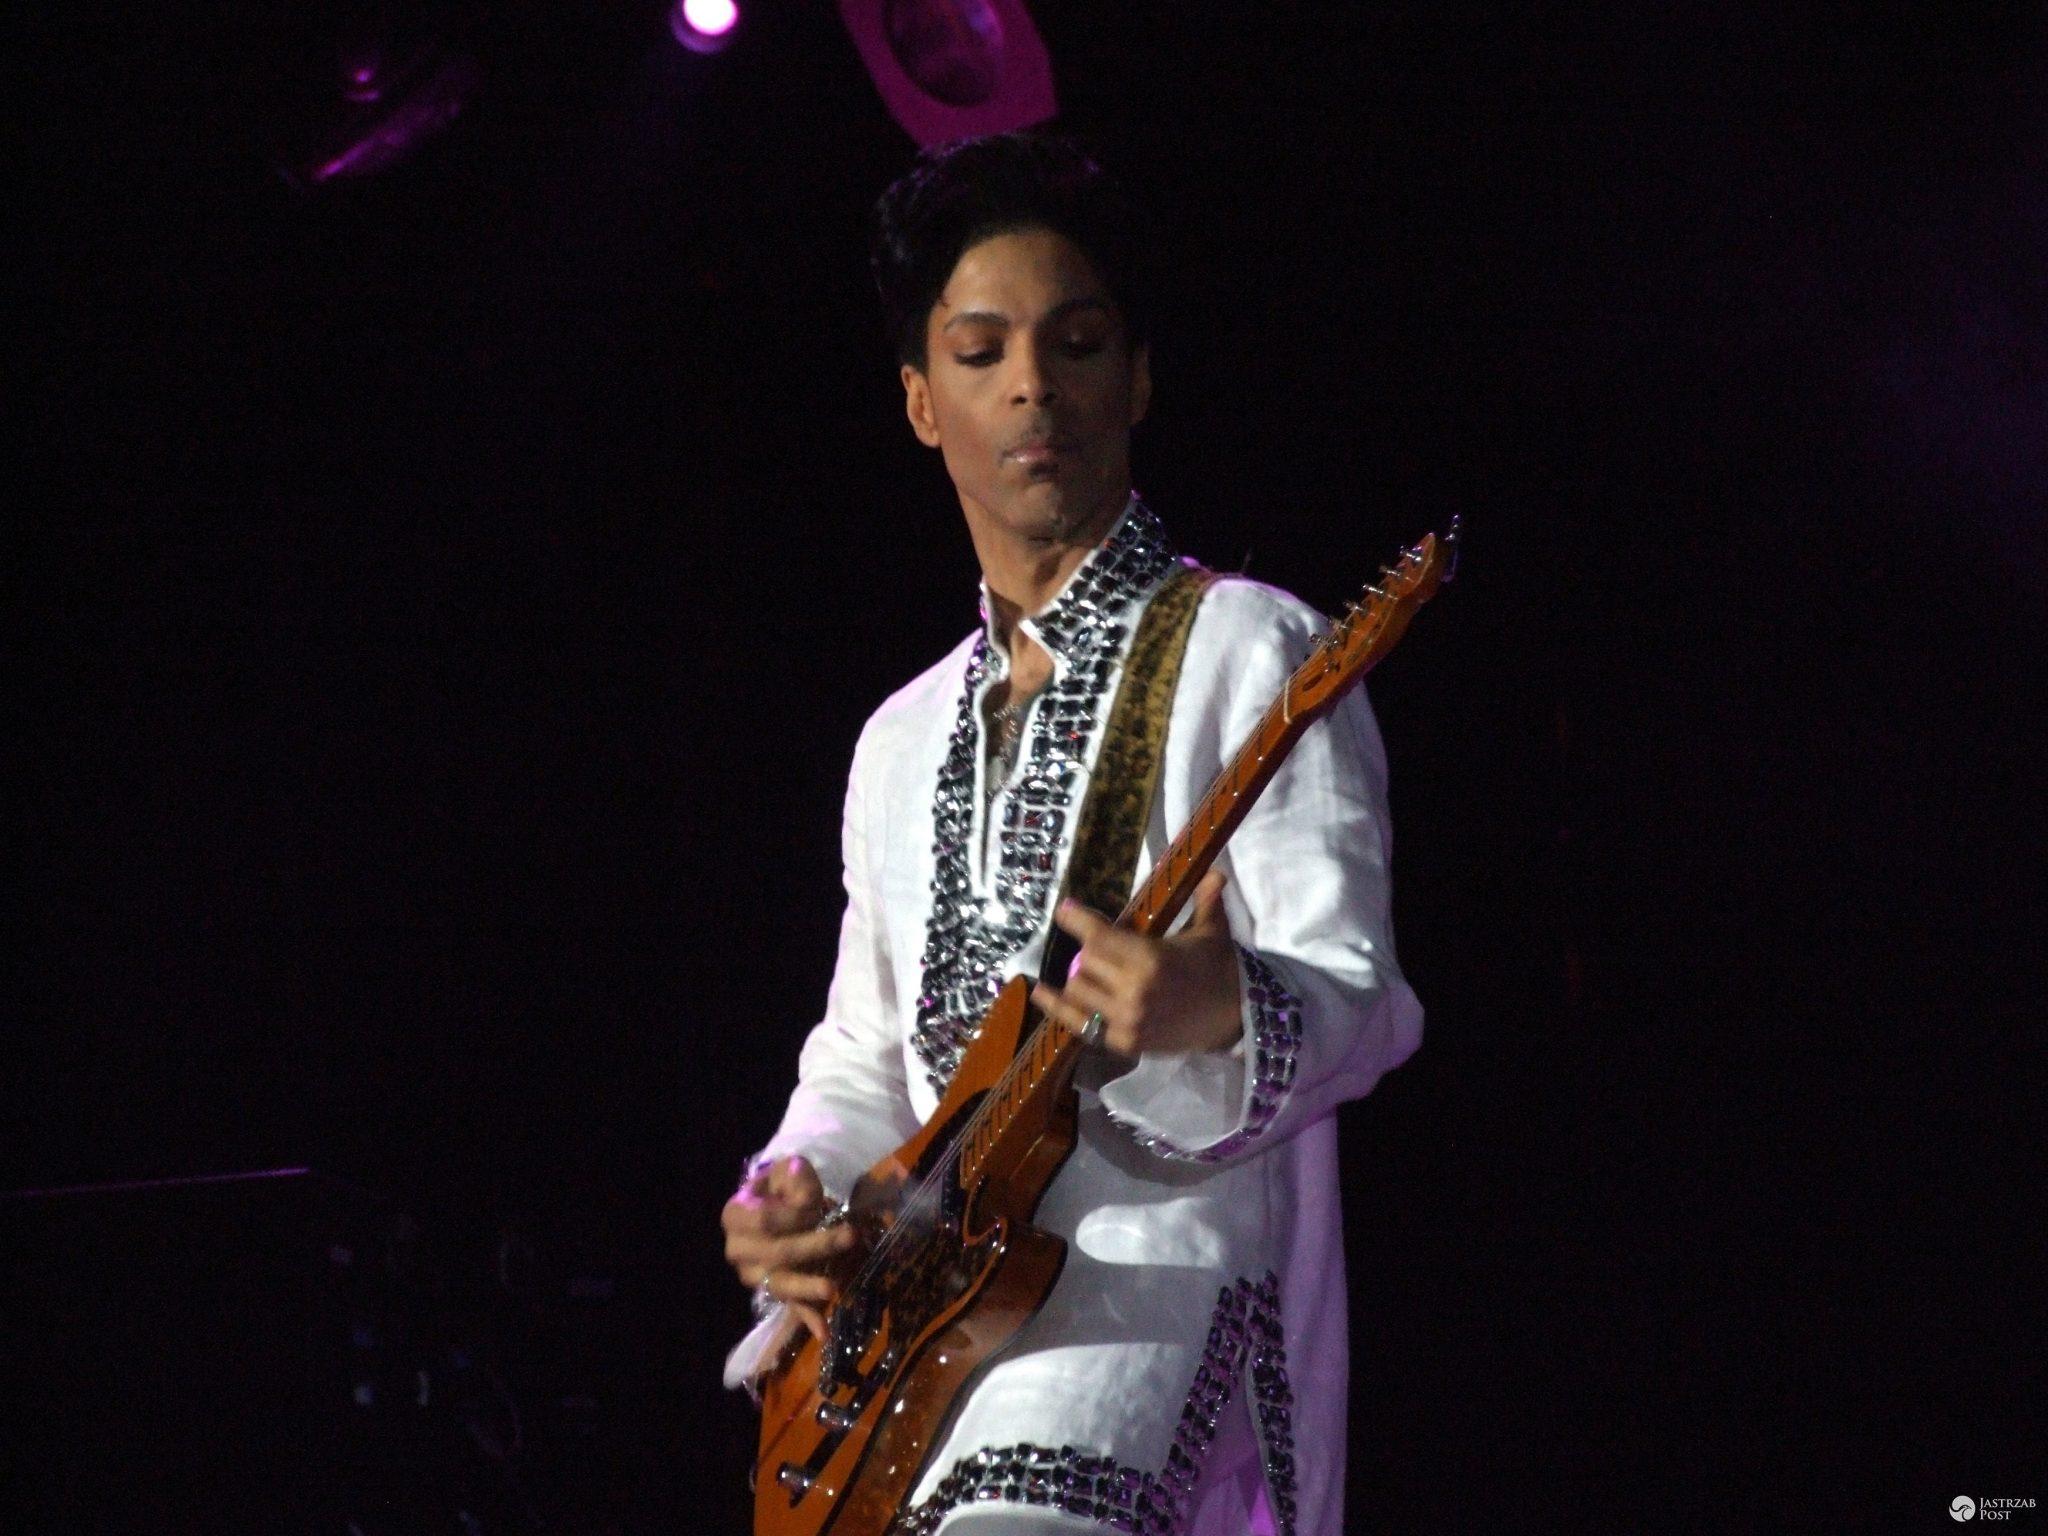 Prince (ur. 7 czerwca 1958, zm. 21 kwietnia 2016) – amerykański muzyk